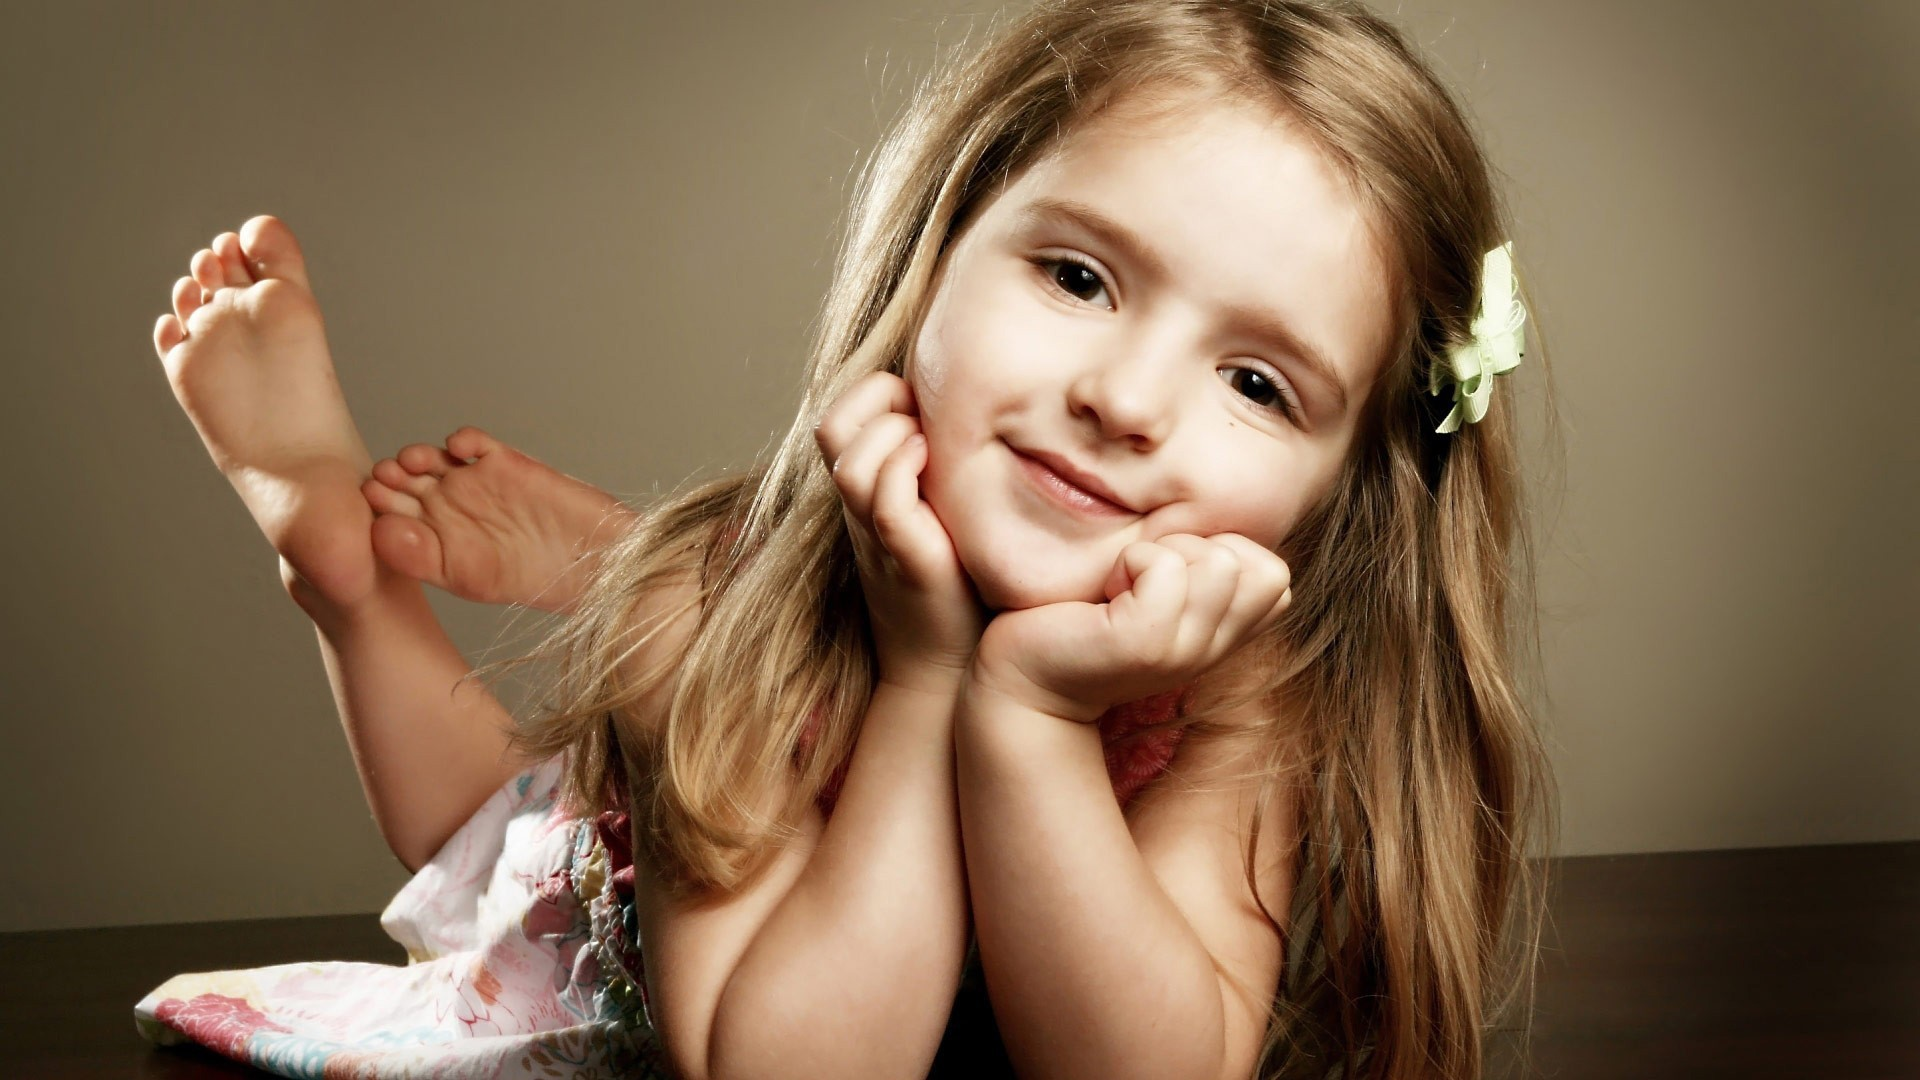 … x 1080 Original. Description: Download Pretty Cute Girl Cute wallpaper  …